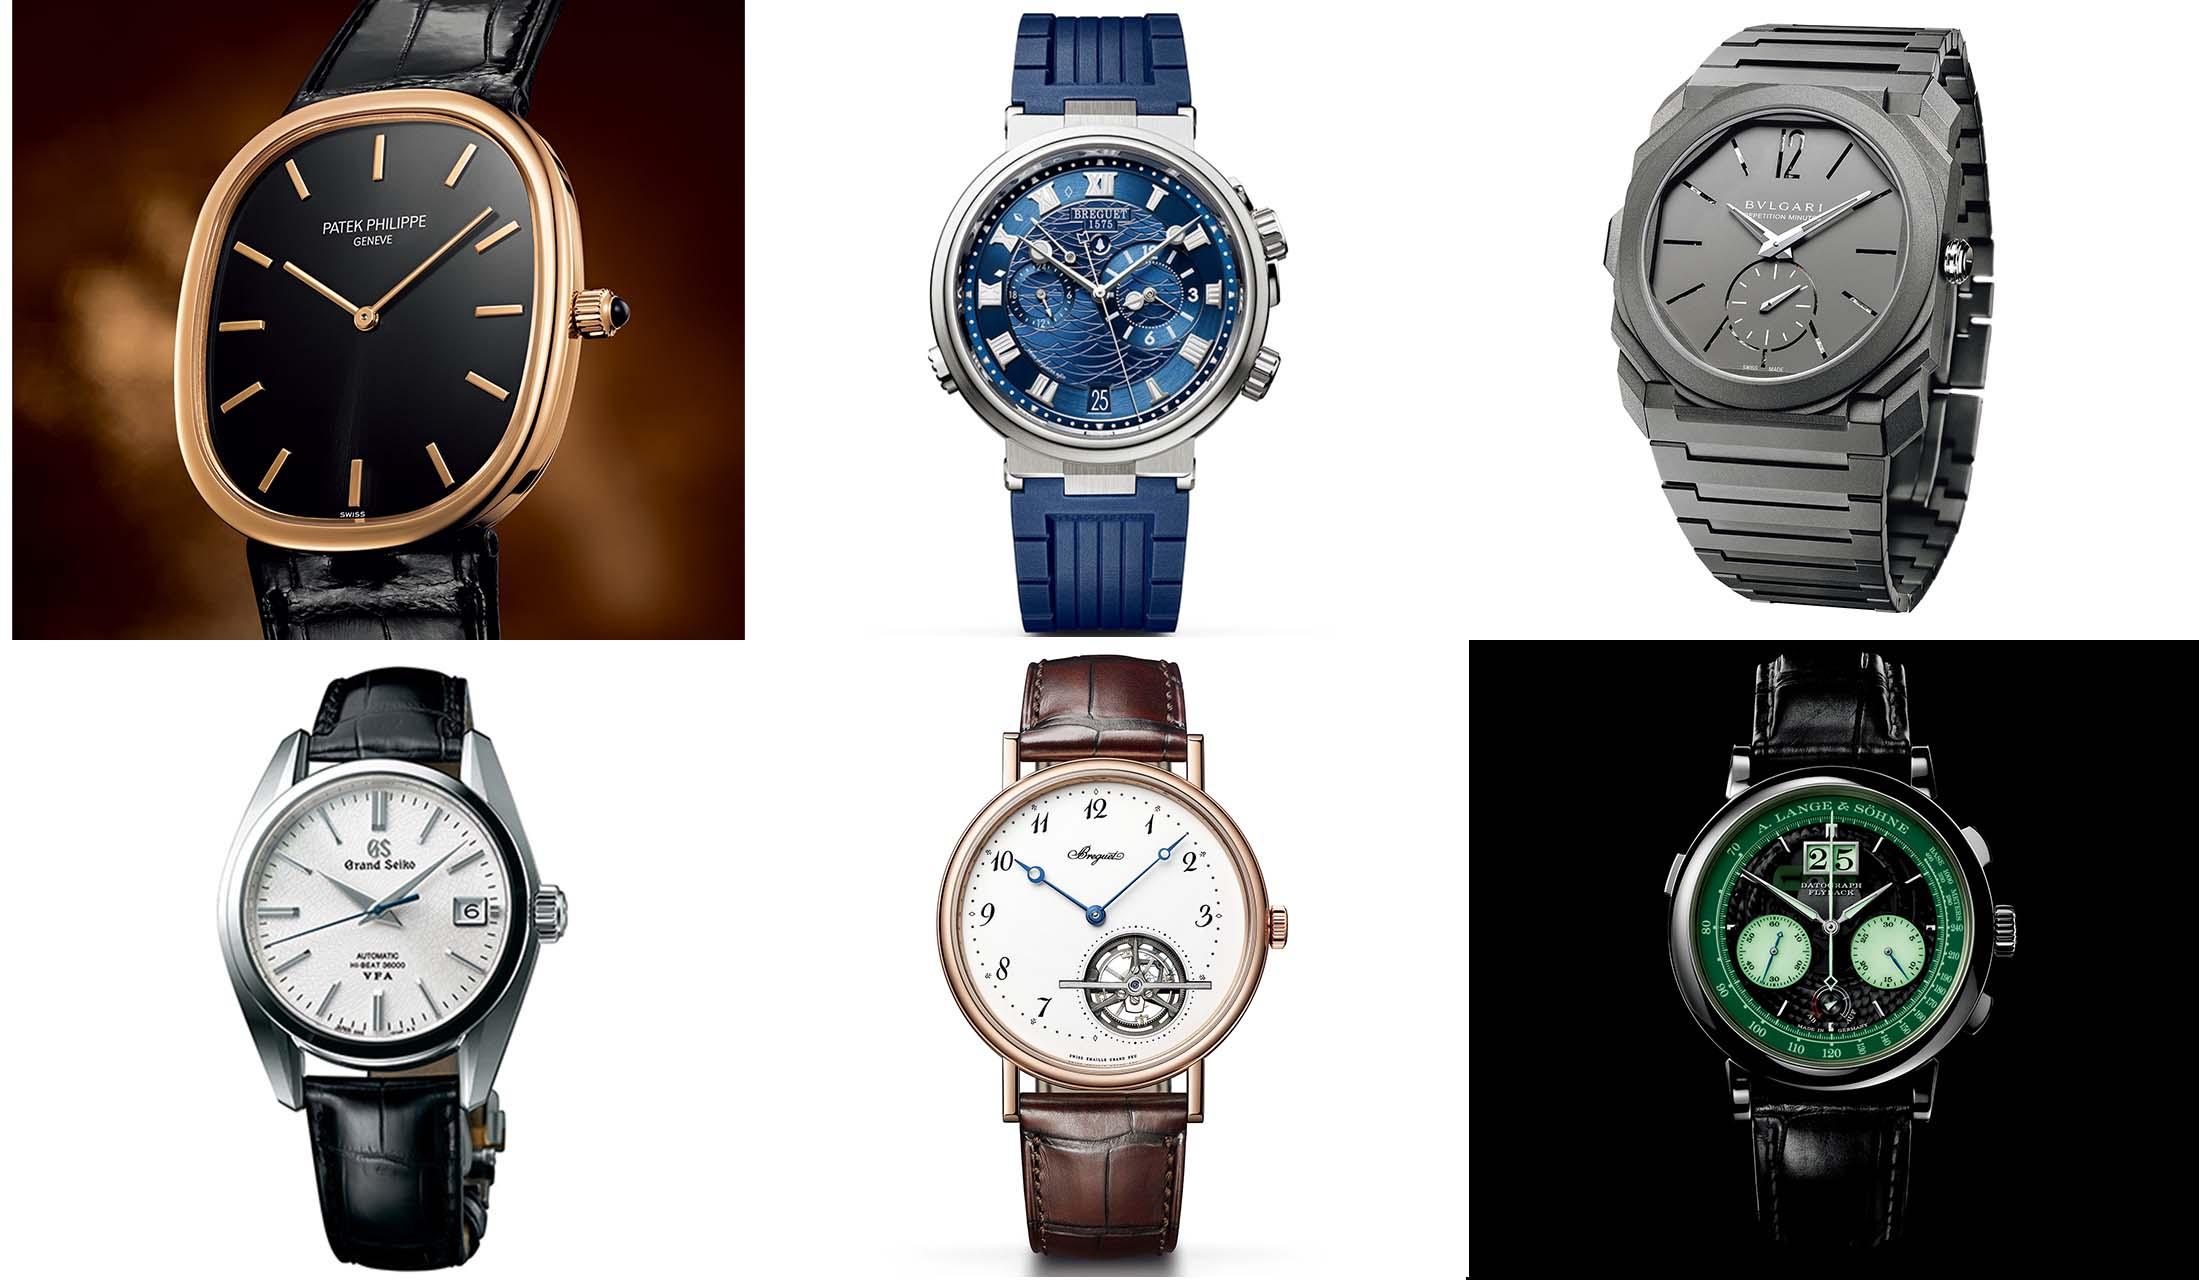 シャネル、ブレゲ、ブルガリ、グランドセイコー、パテック フィリップ、A.ランゲ&ゾーネの時計